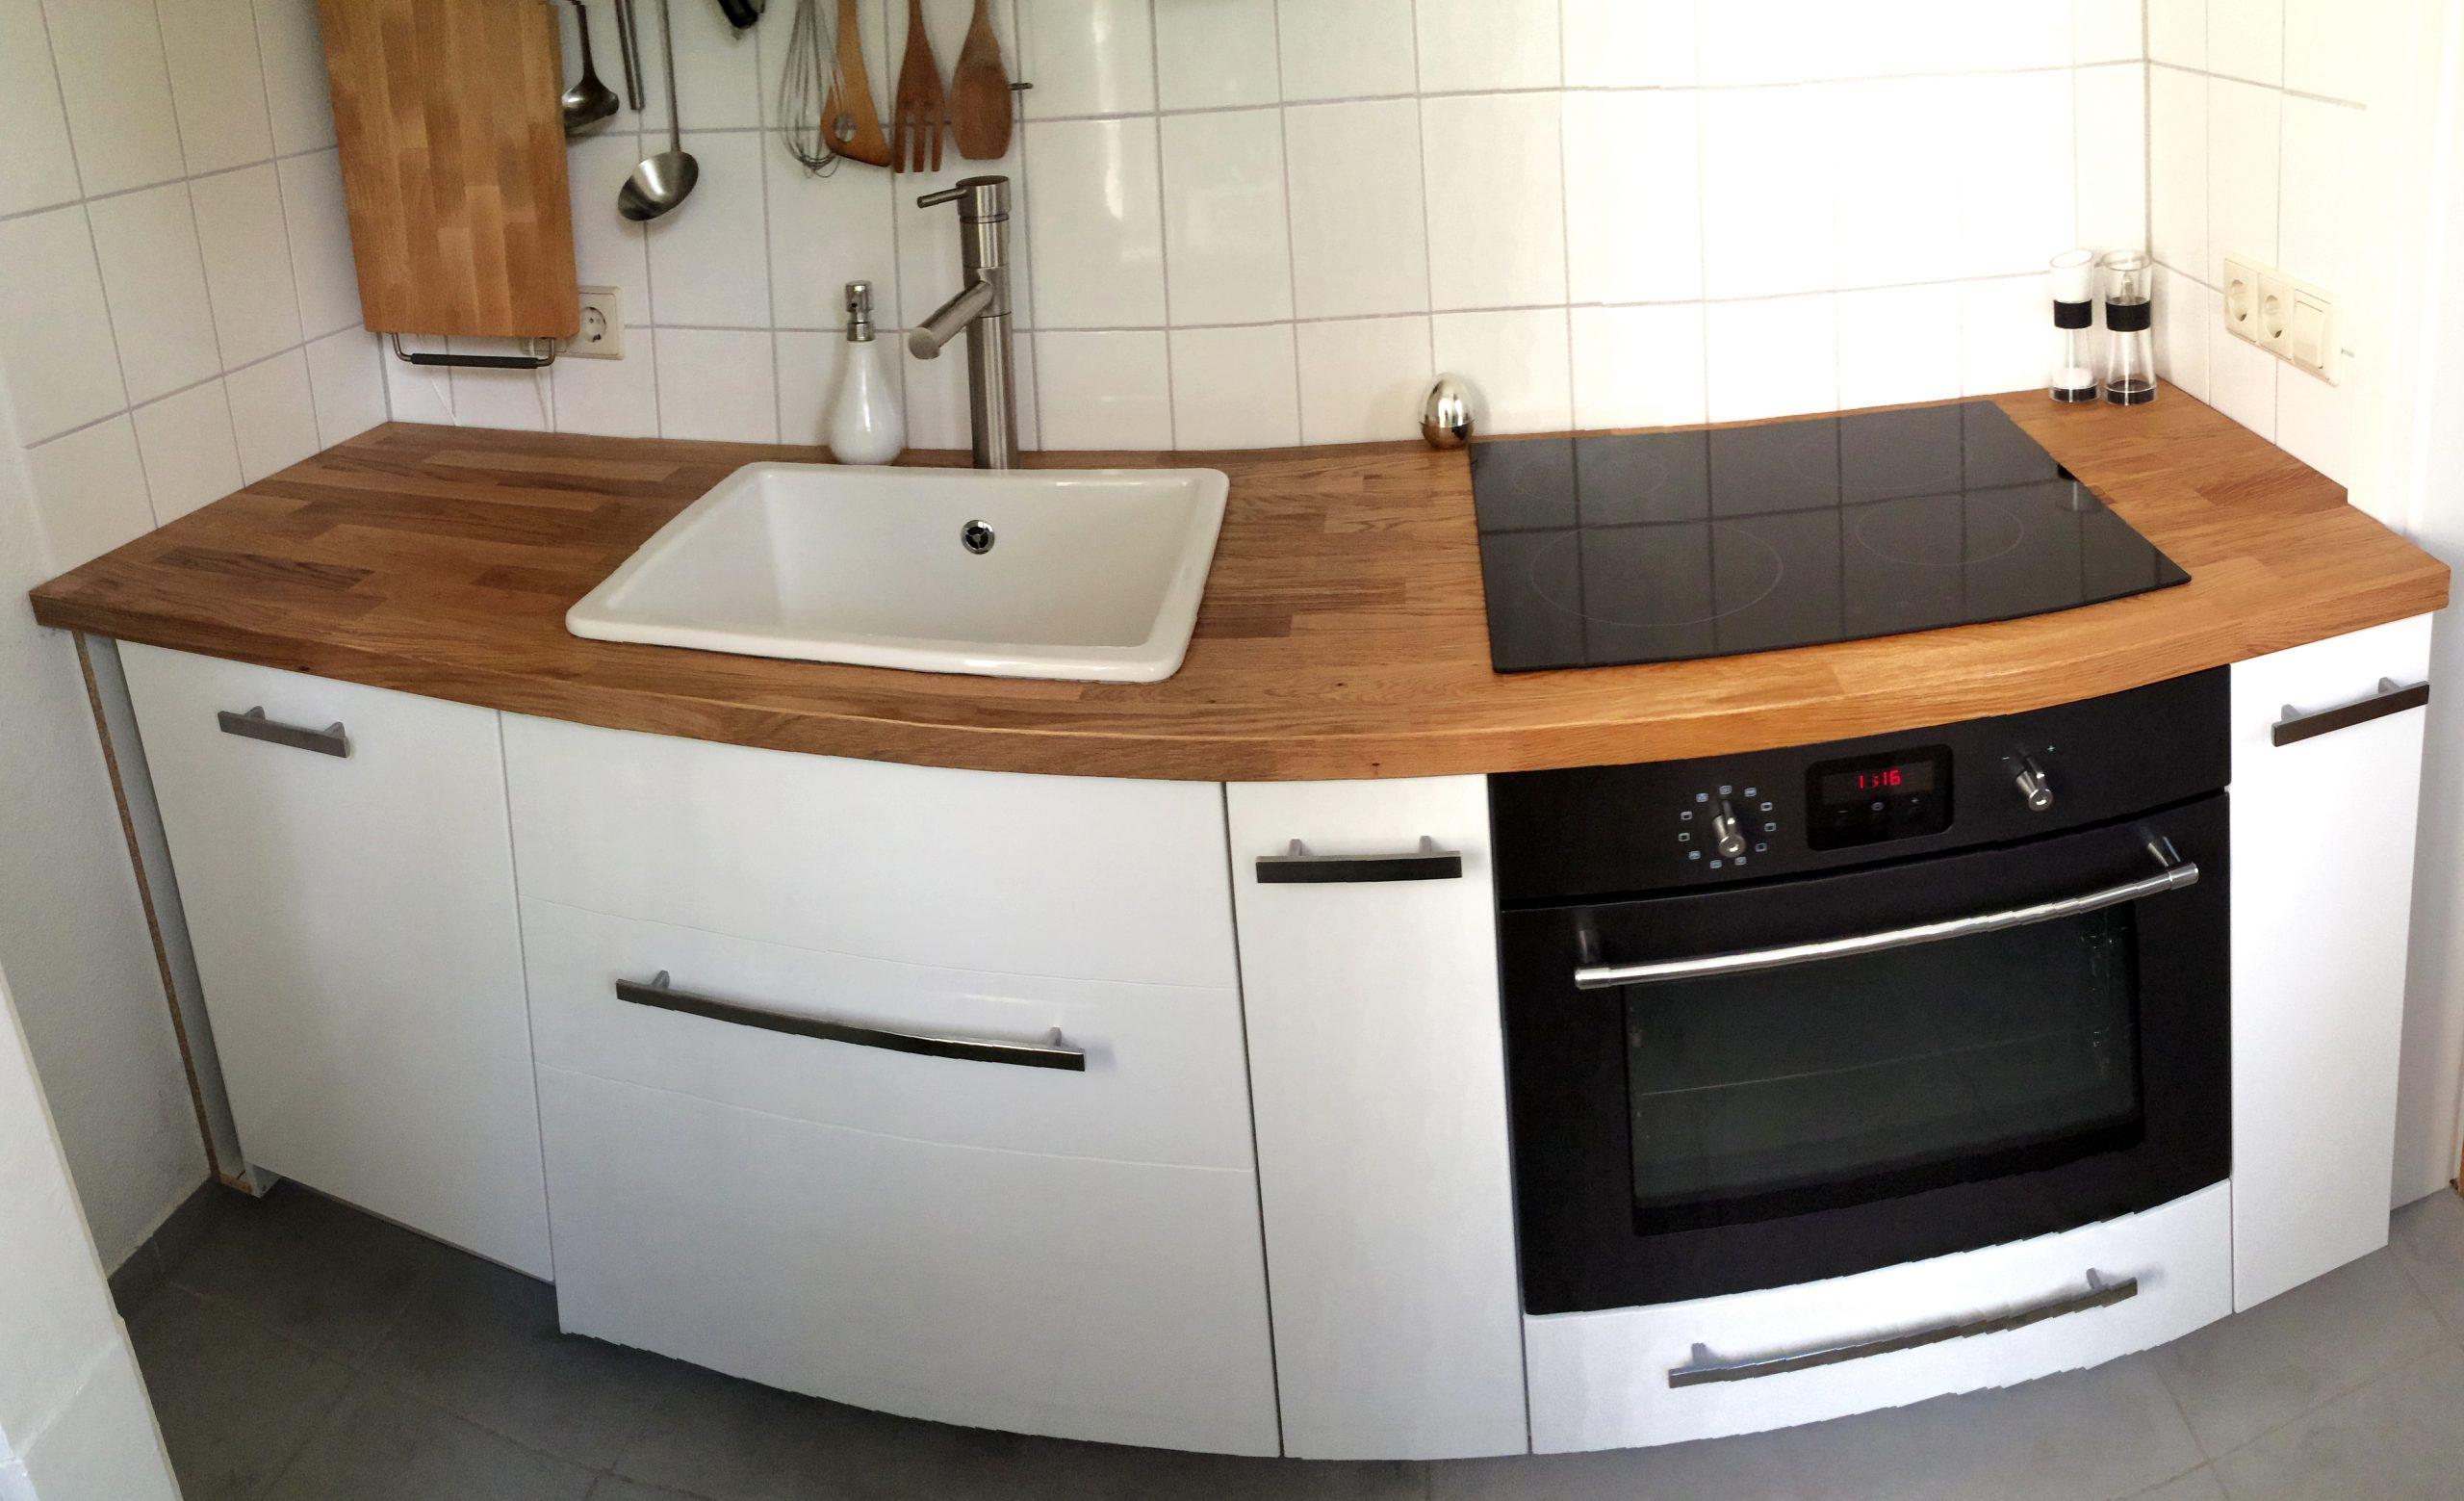 Full Size of Betten Bei Ikea Küche Kosten Kaufen Modulküche Miniküche 160x200 Sofa Mit Schlaffunktion Wohnzimmer Küchenschrank Ikea